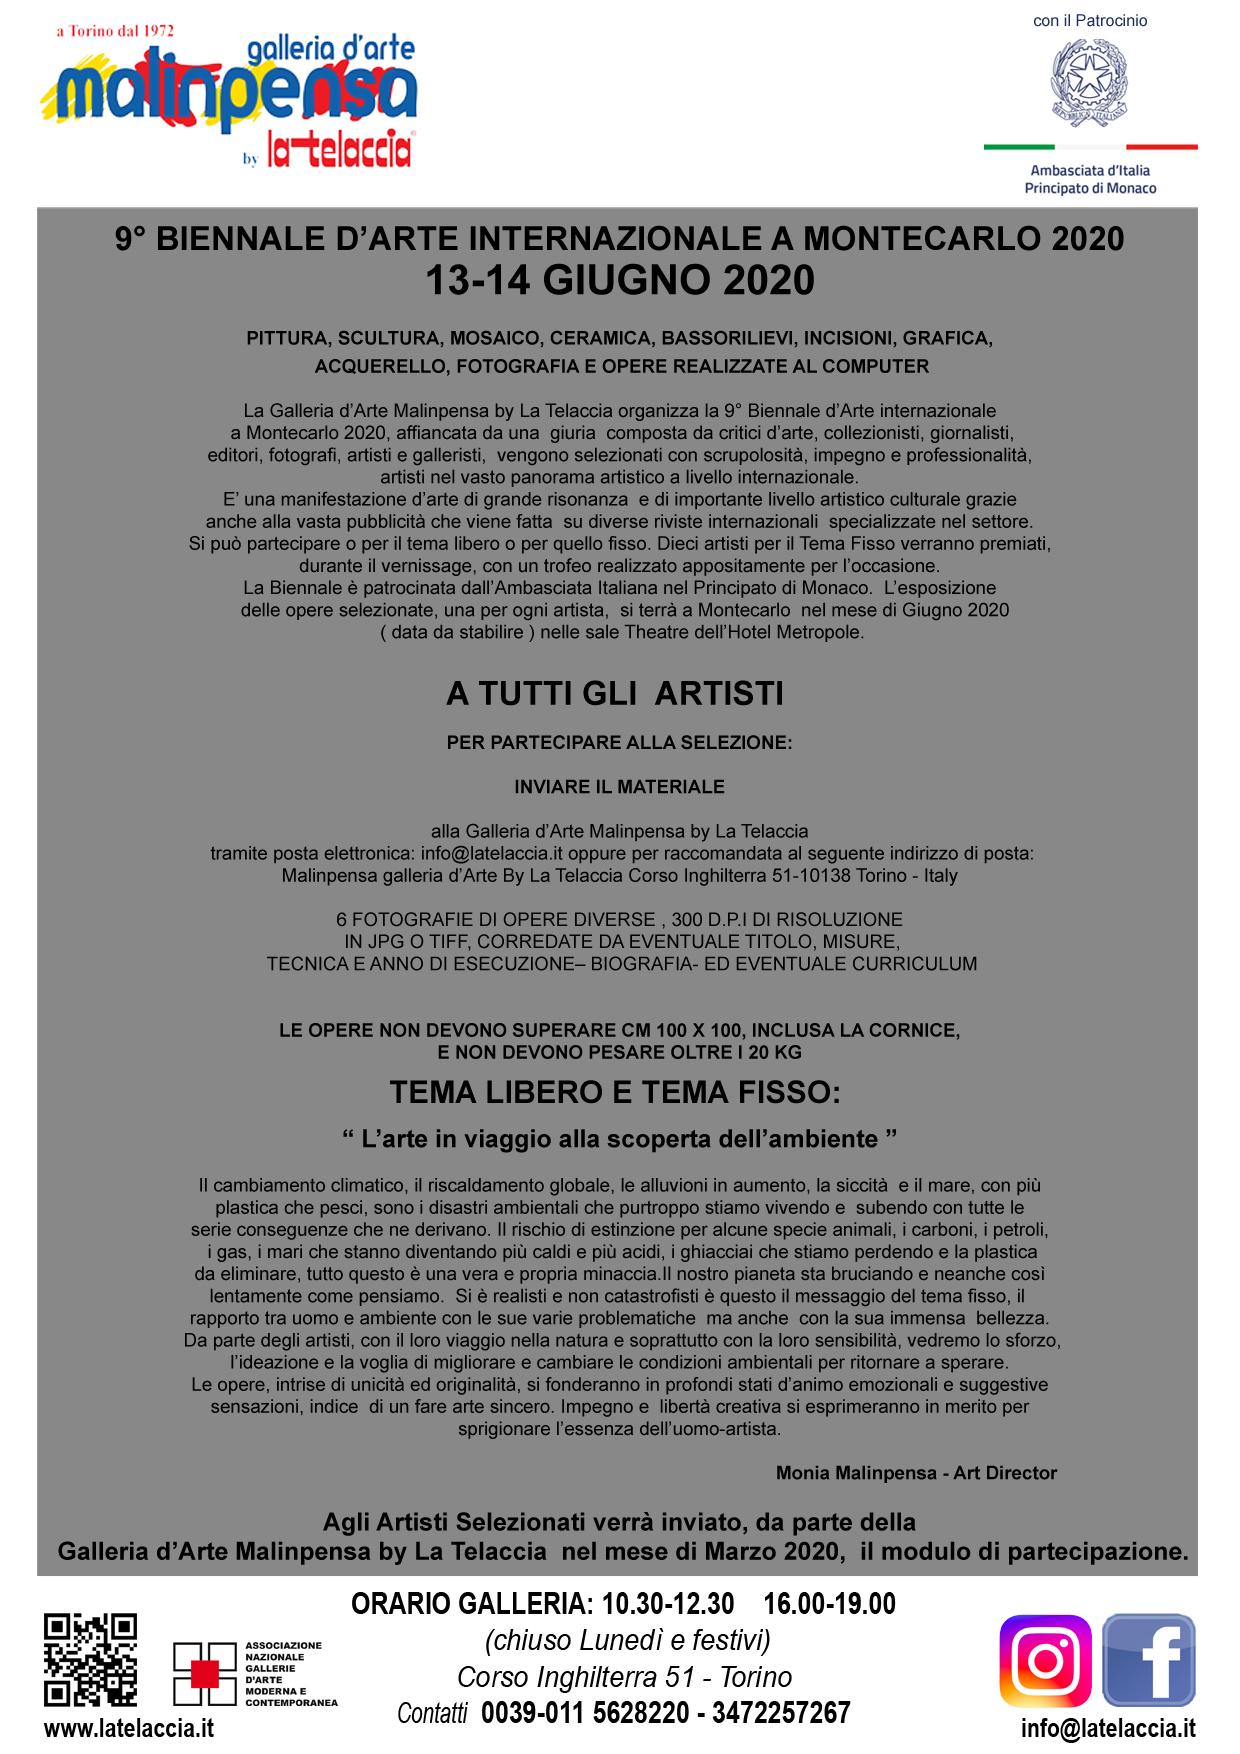 9_BIENNALE_2020 (1).jpg